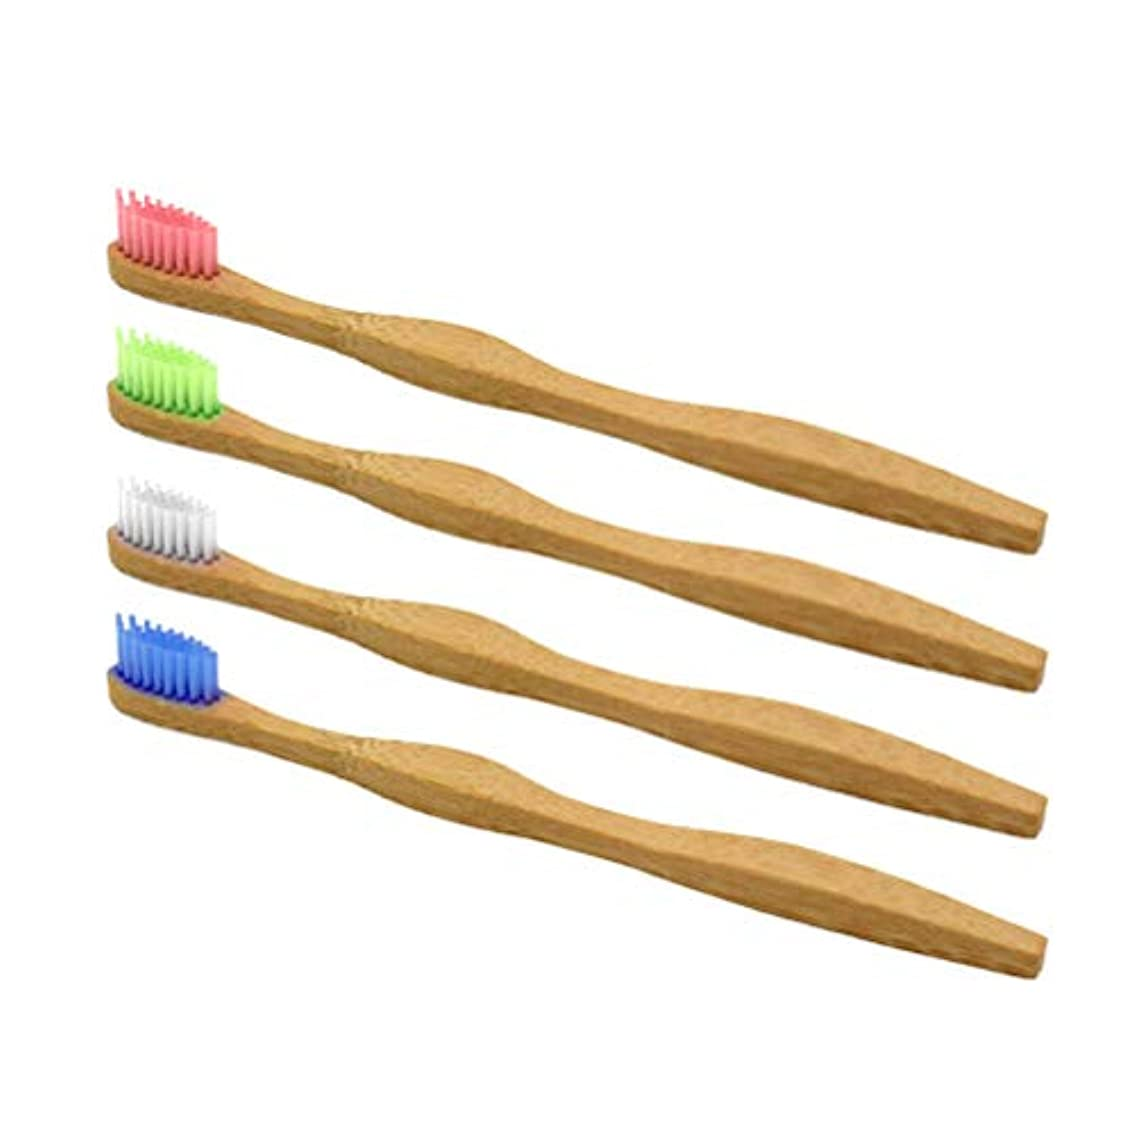 夢幻想的旋律的SUPVOX竹製の歯ブラシオーラルケアクリーニングセット用柔らかい歯ブラシセット4本(アソートカラー)